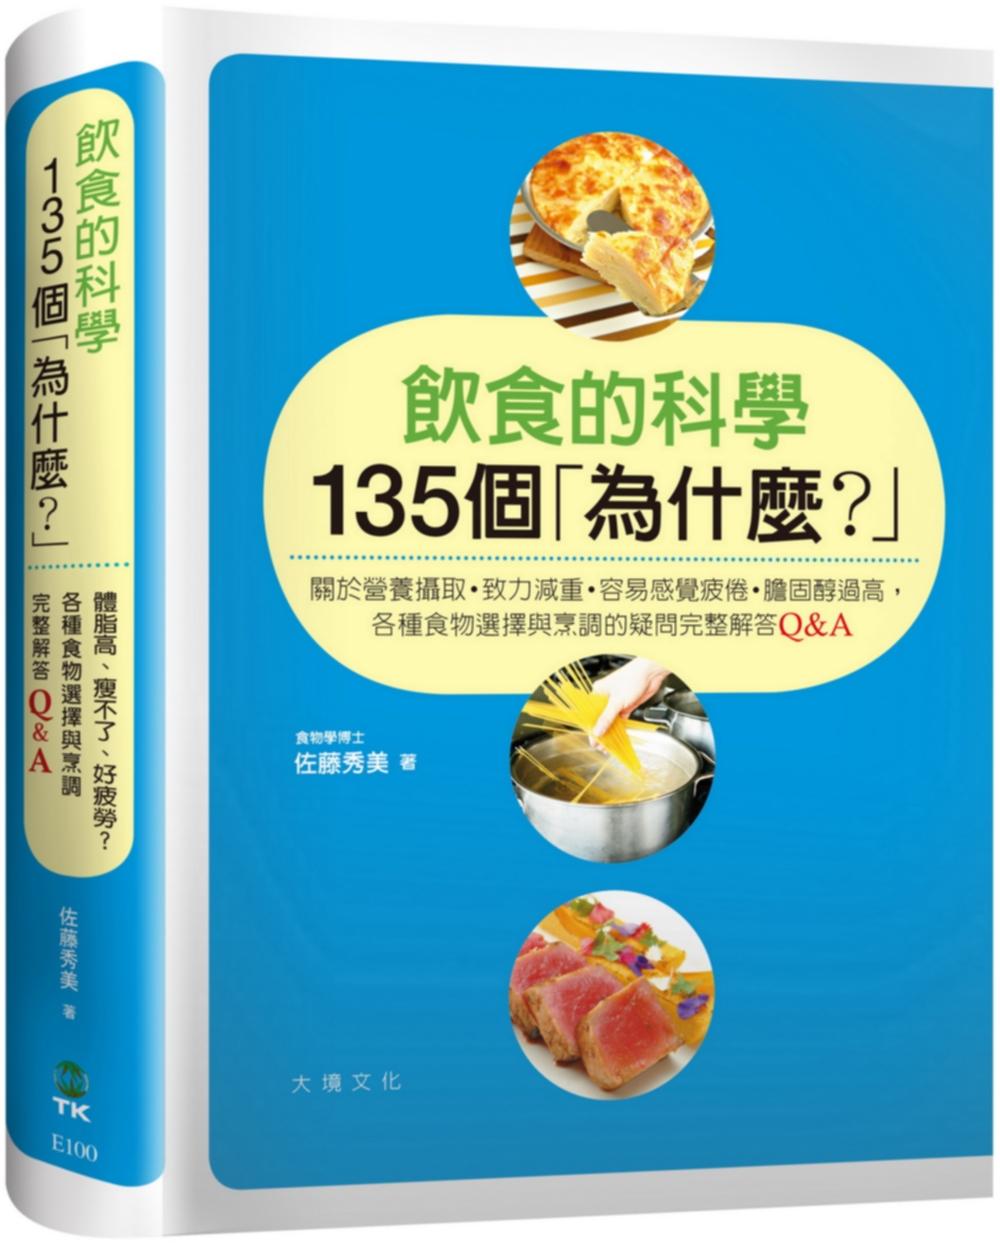 飲食的科學135個「為什麼?」:關於營養攝取/致力減重/容易感覺疲倦/ 膽固醇過高,各種食物選擇與烹調的疑問 完整解答Q&A